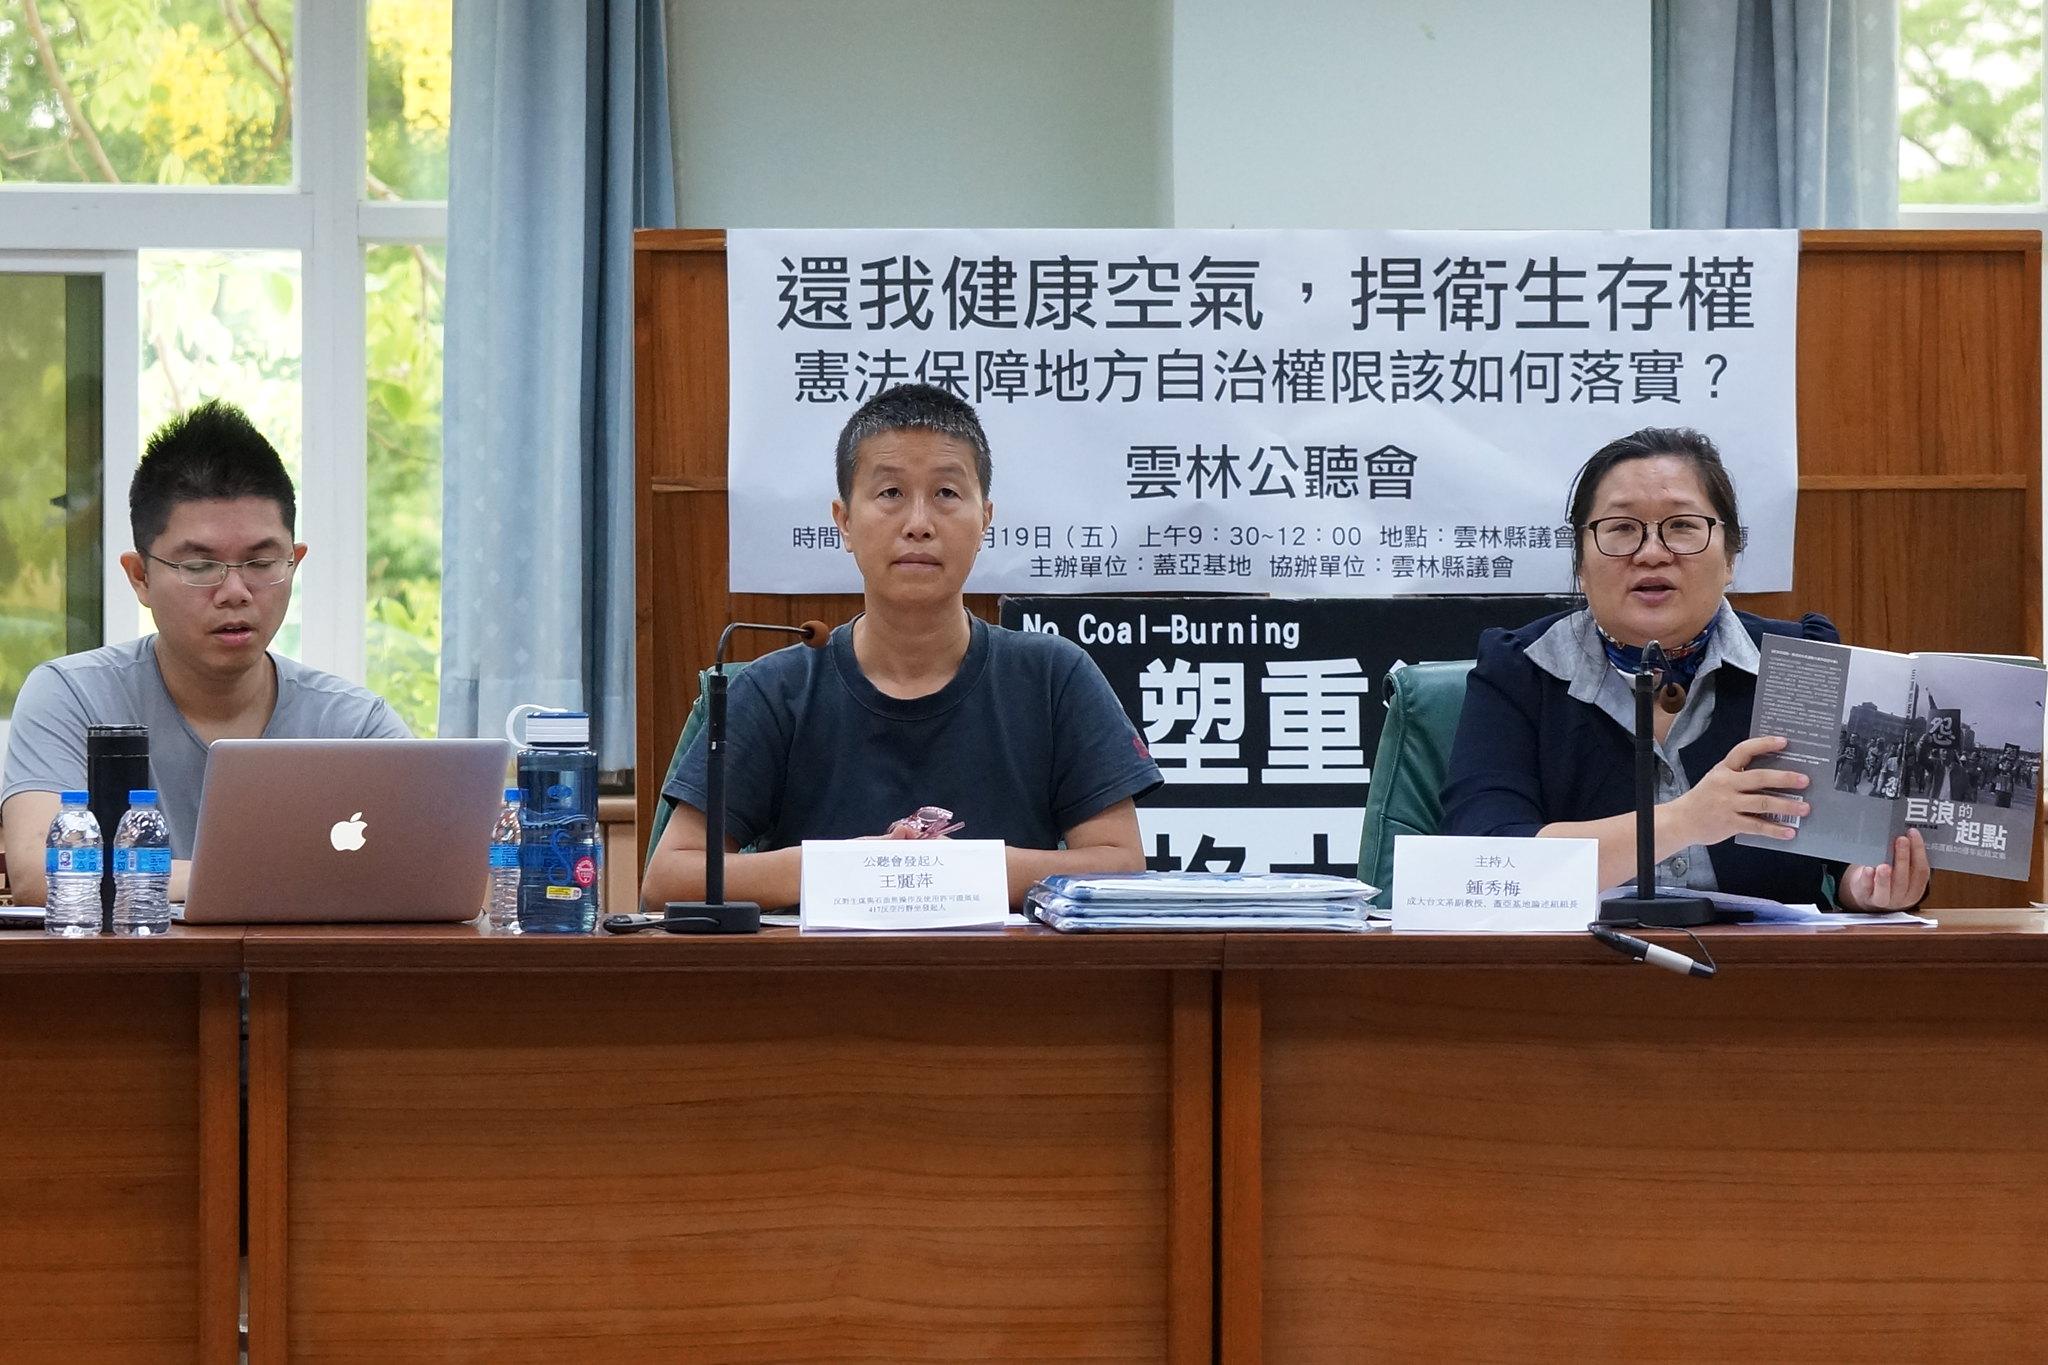 環團召開公聽會,籲雲林縣拒發六輕生煤許可展延。(攝影:王顥中)